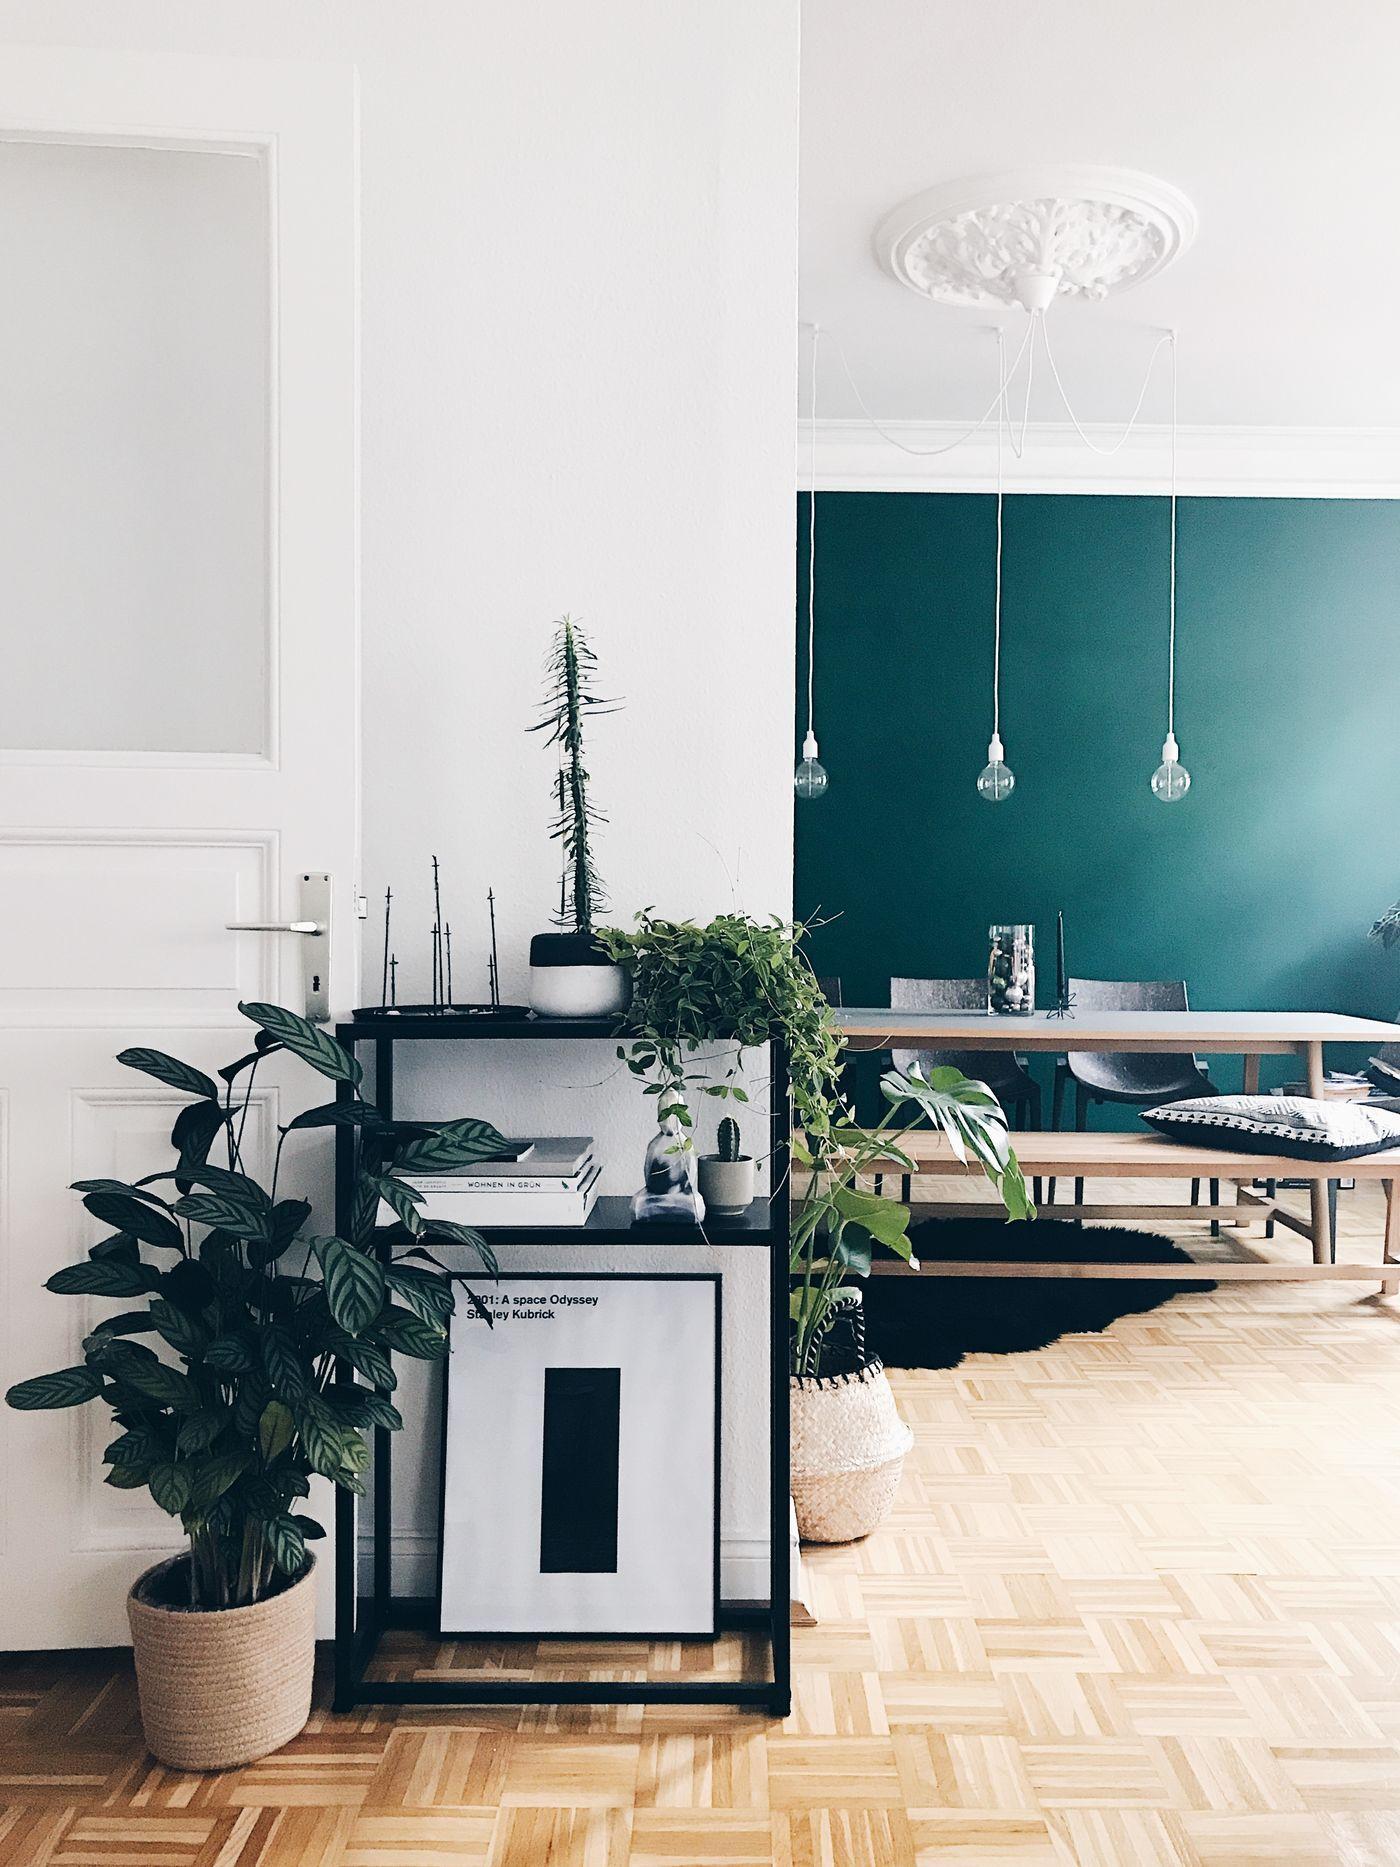 Möbel von Philippe Starck